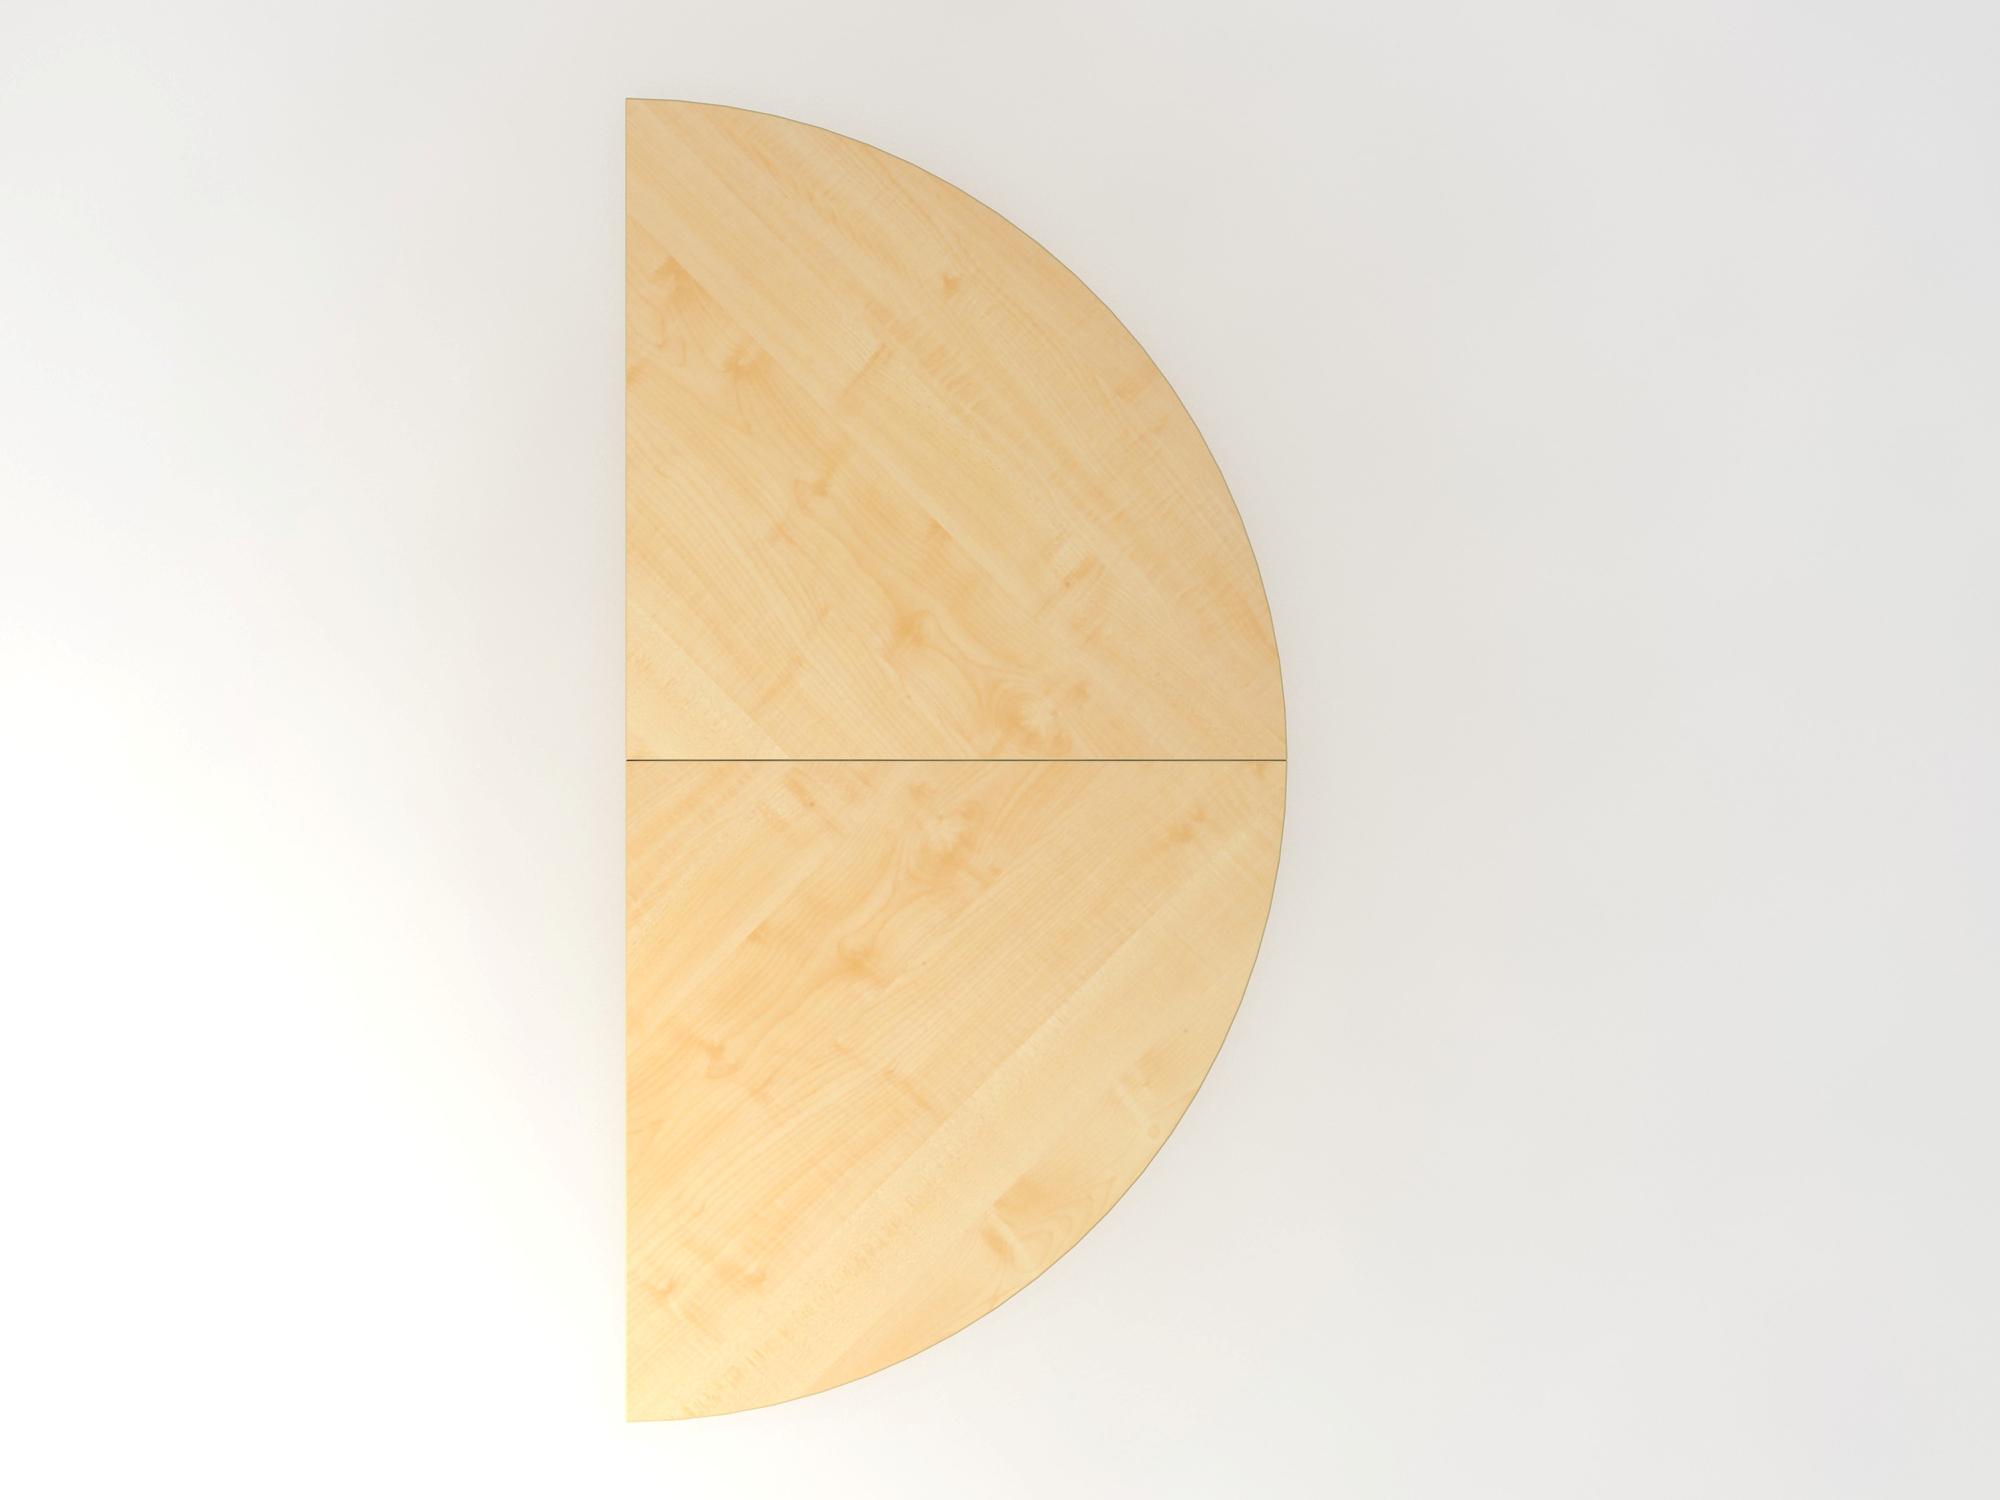 Anbautisch 2xViertelkreis/STF Ahorn/Silber